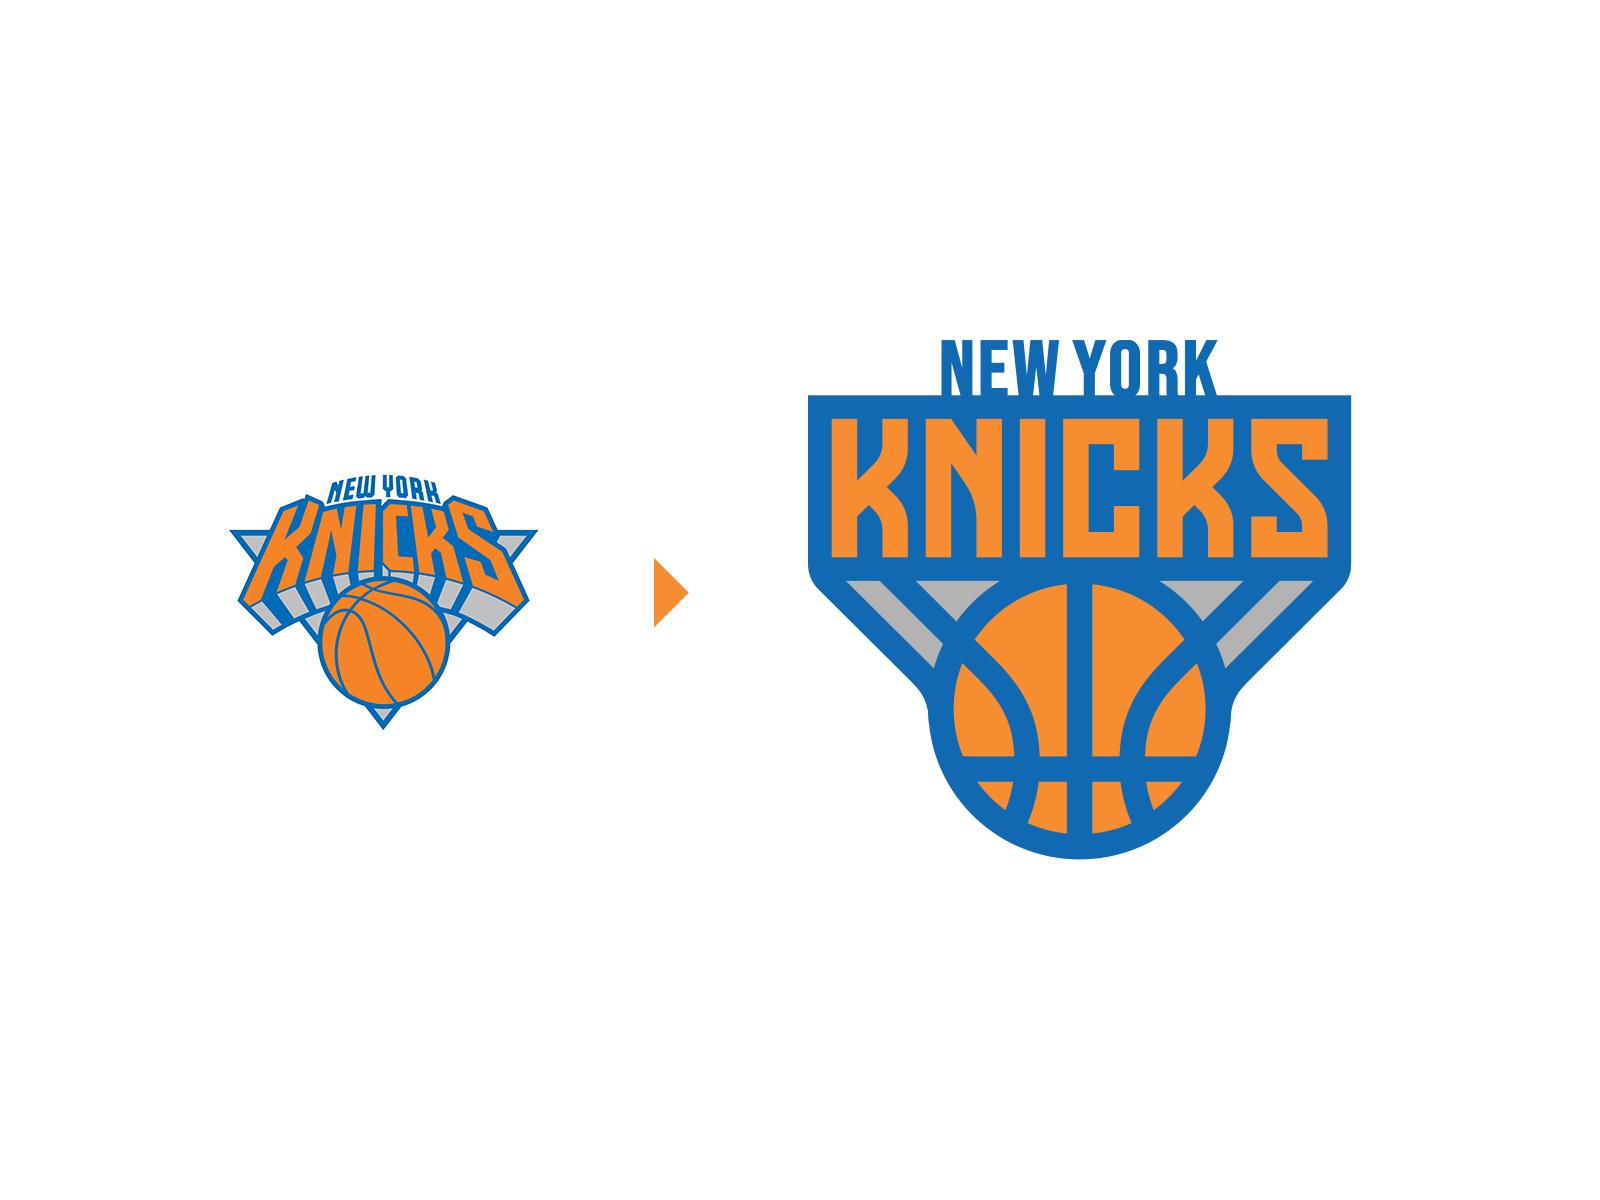 New York Knicks Nba Logo Rebrand Nba Logo New York Knicks New York Knicks Logo